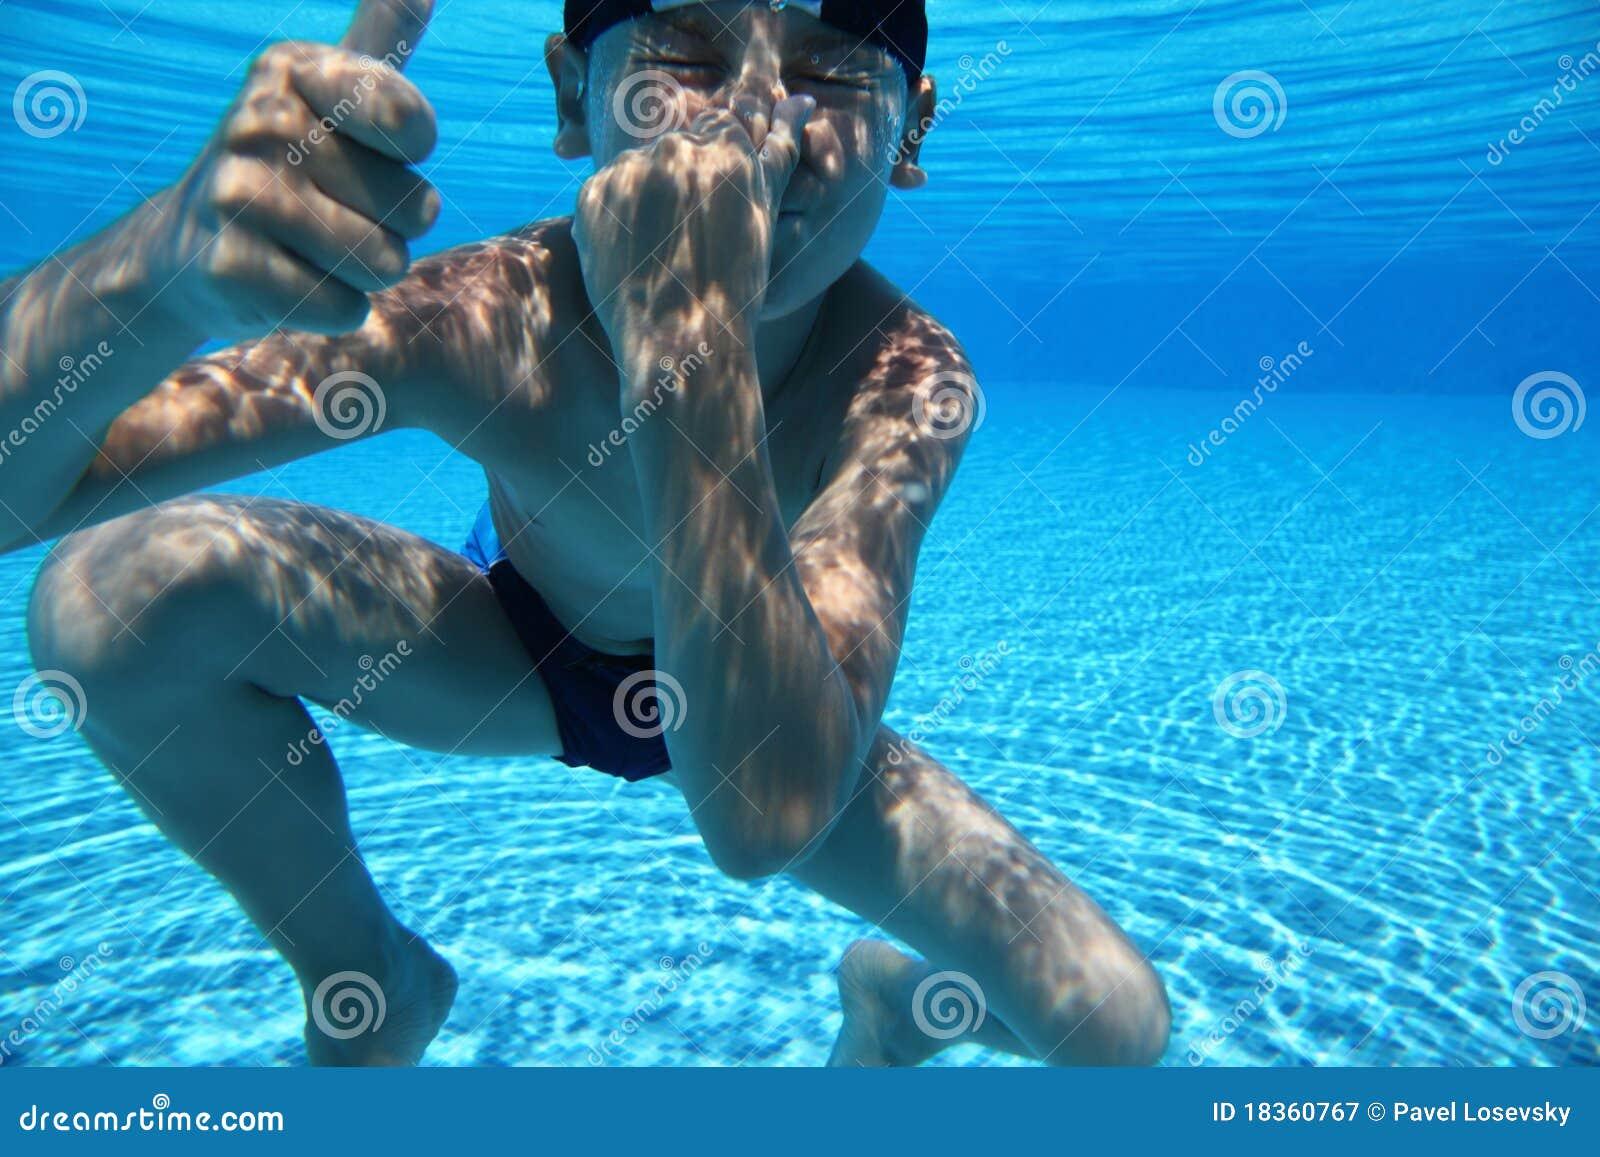 С мальчиком у бассейна 24 фотография